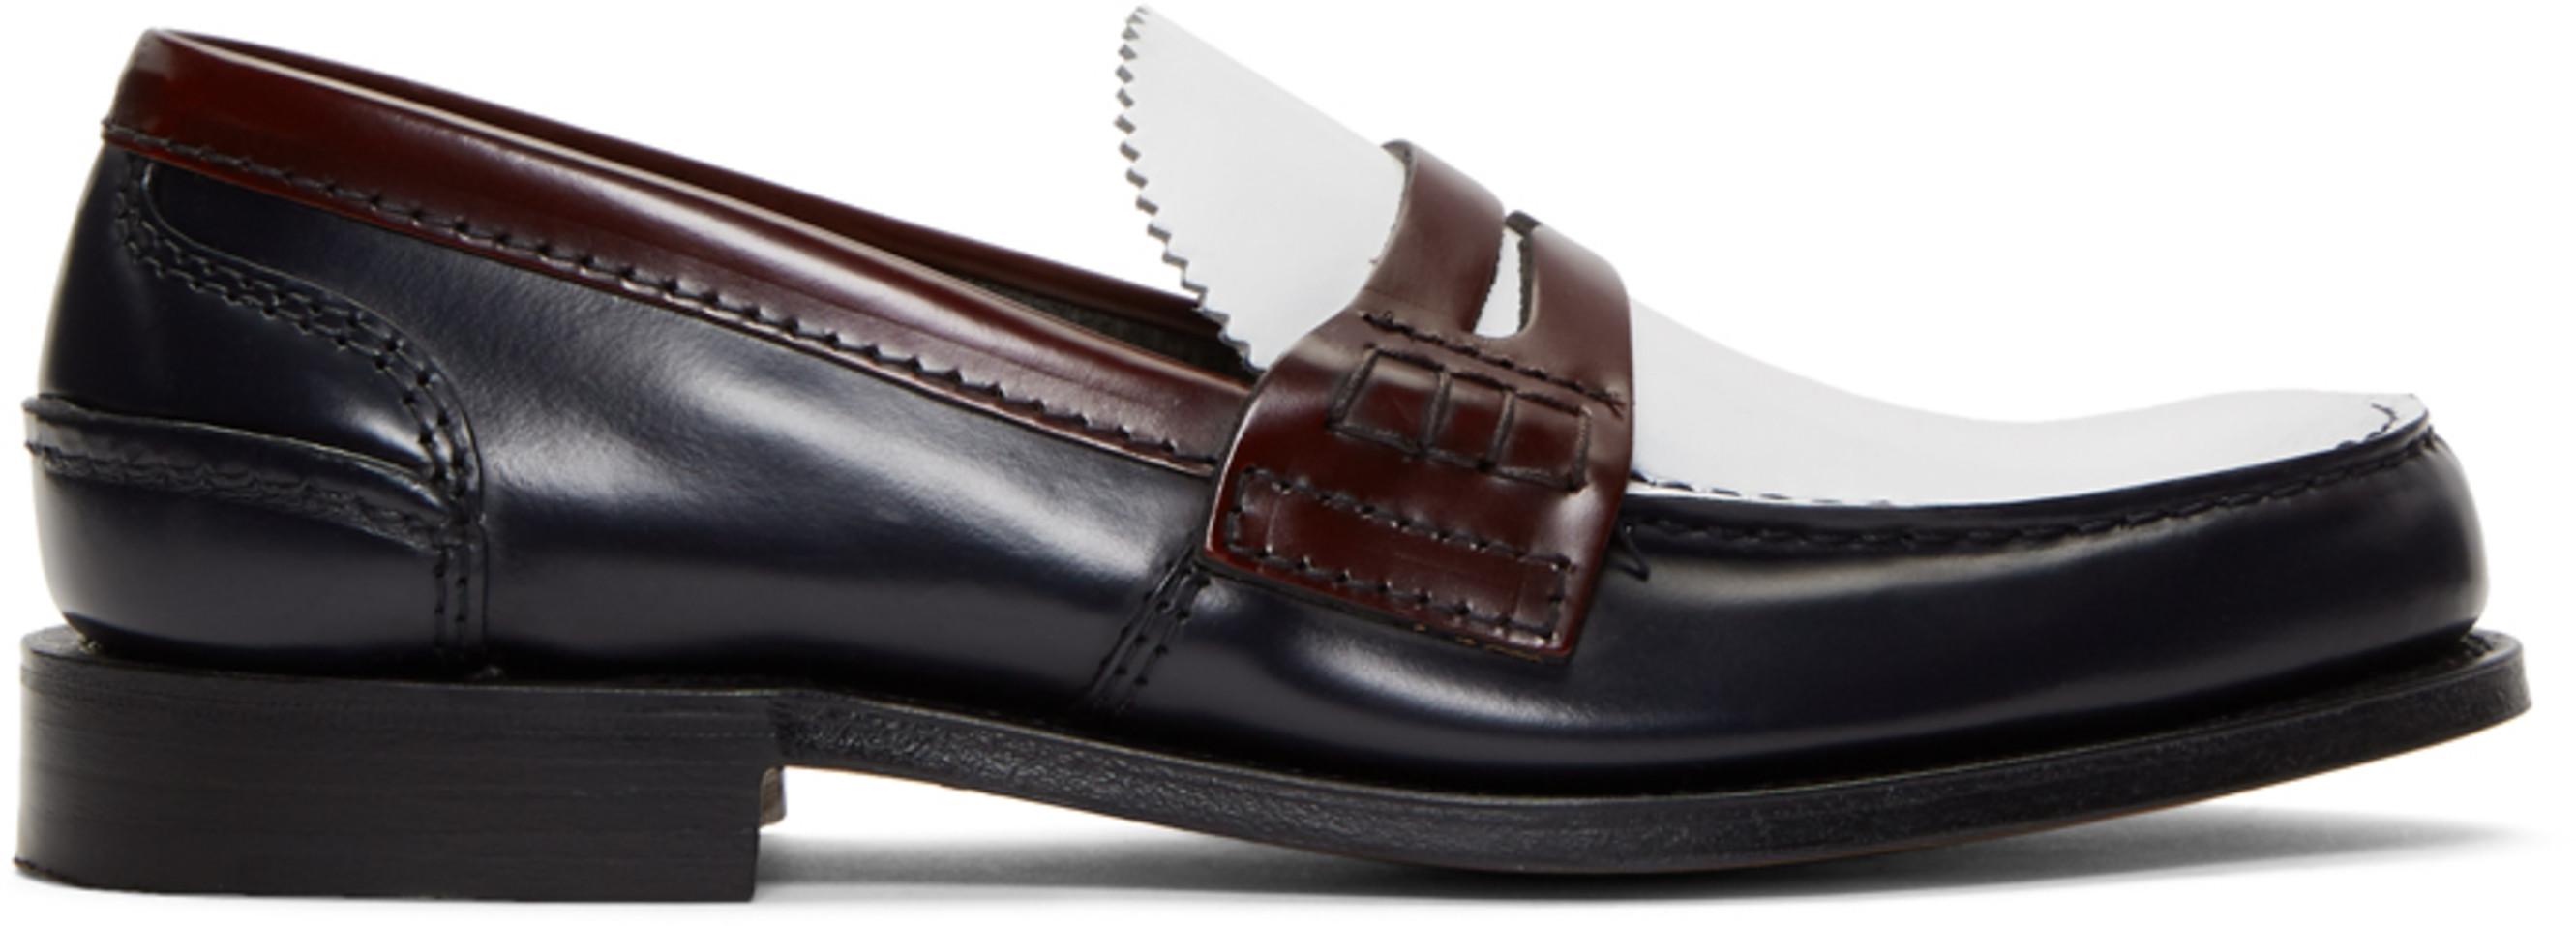 Designer shoes for Men  b8e8822414f